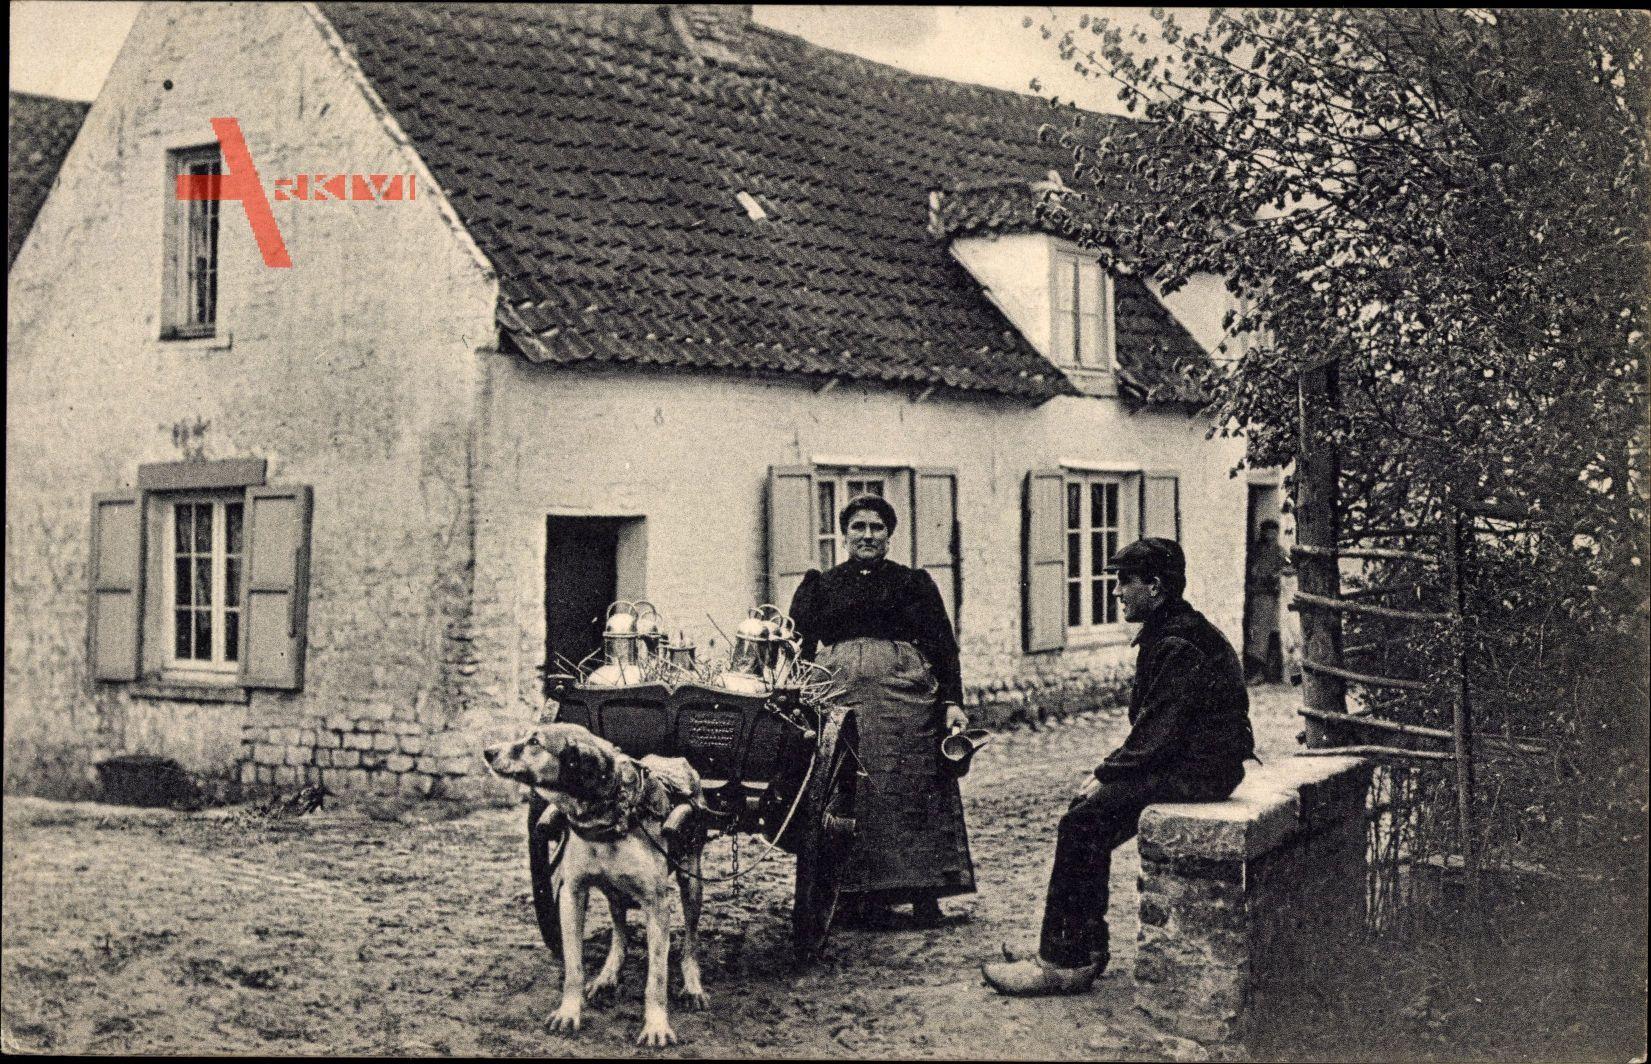 Laitiere flamande, Milchfrau mit Hundekarren, Wohnhaus